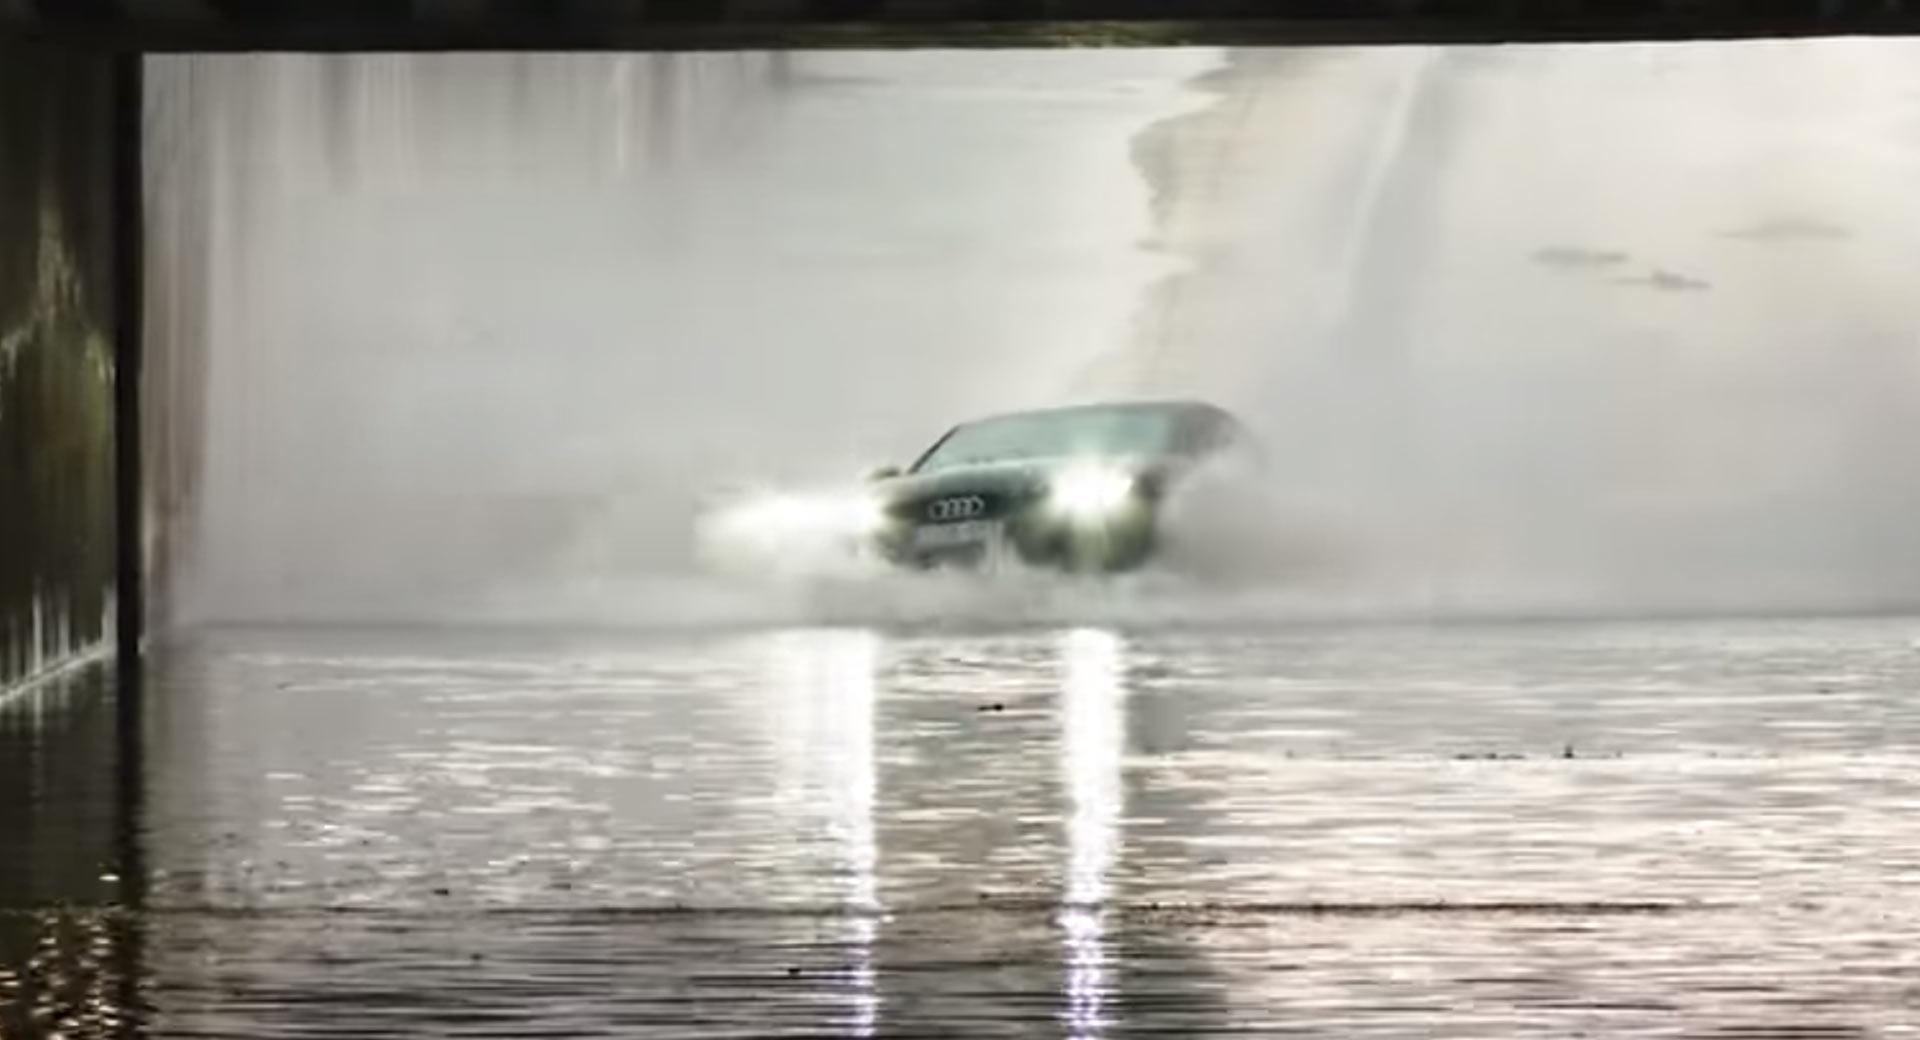 Audi A7 quattro - po powodzi (zalane)